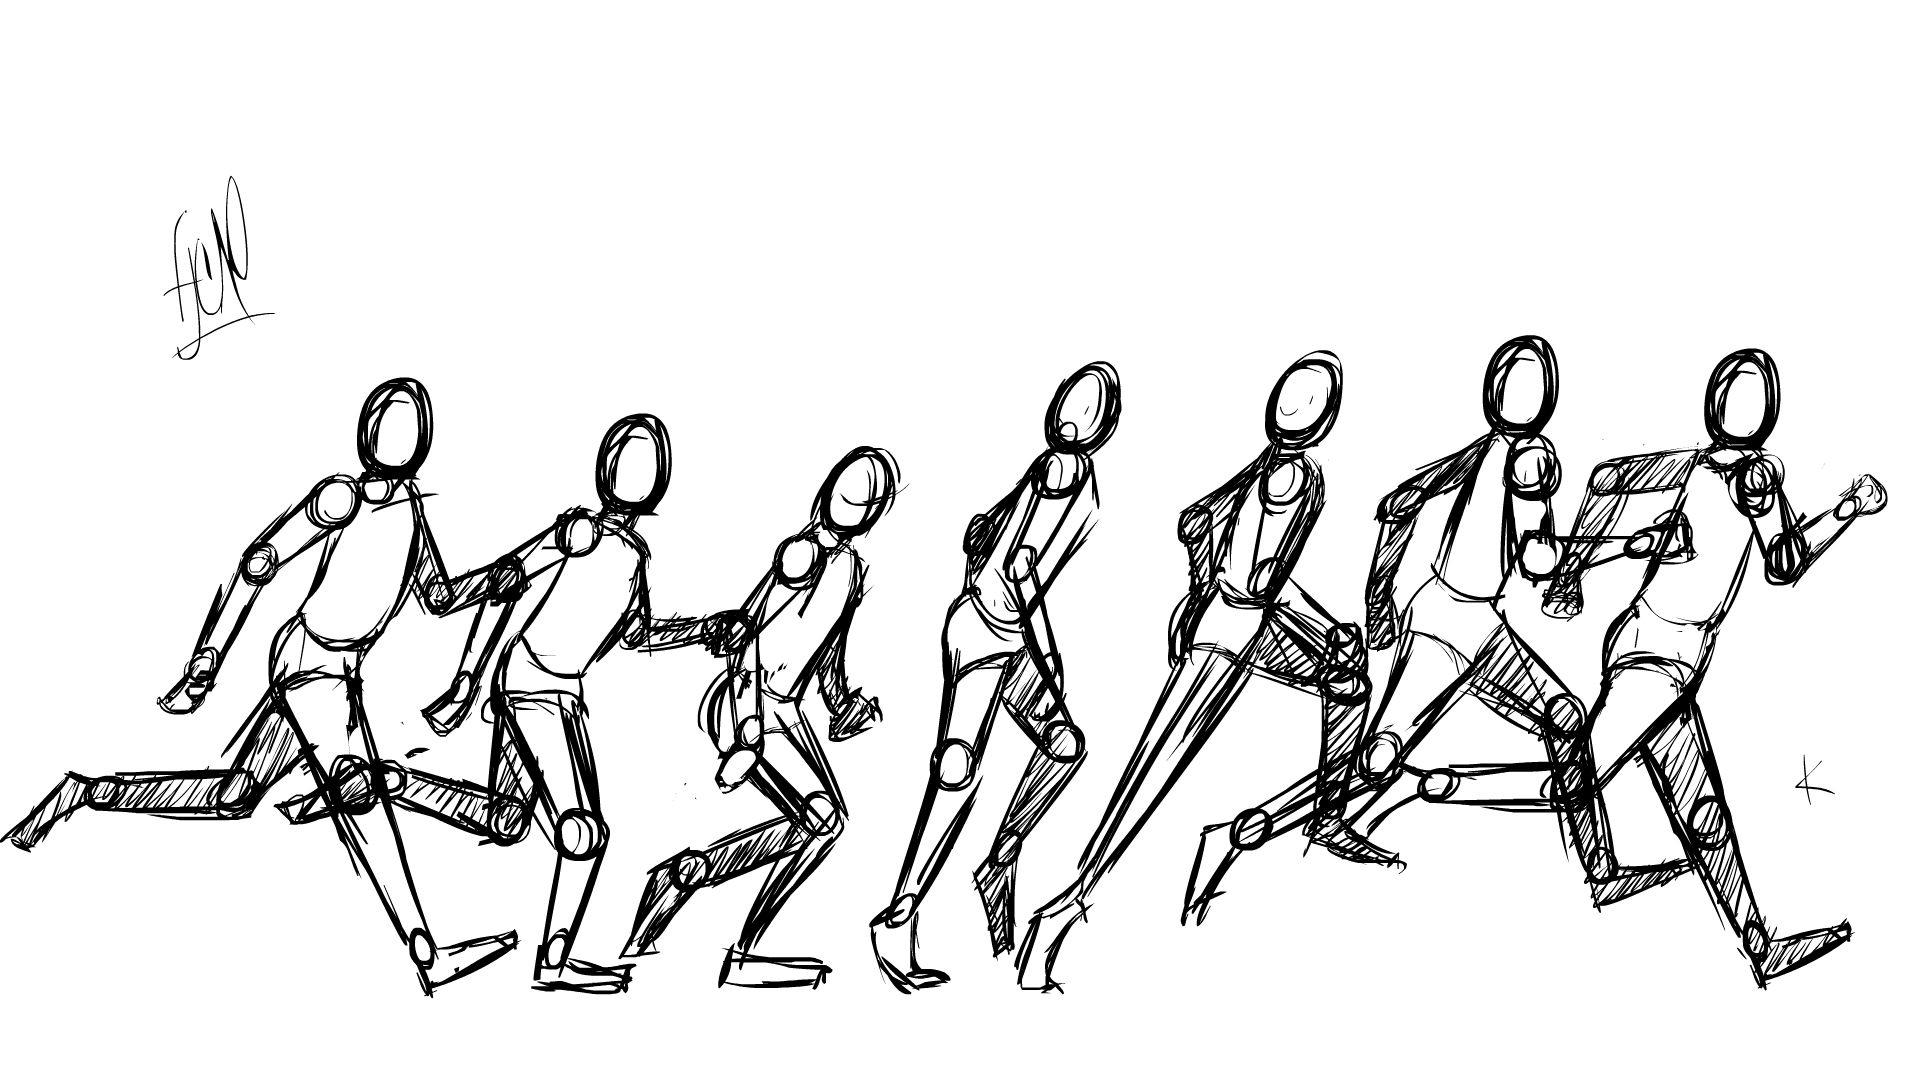 Смешные картинки, картинка анимация бега